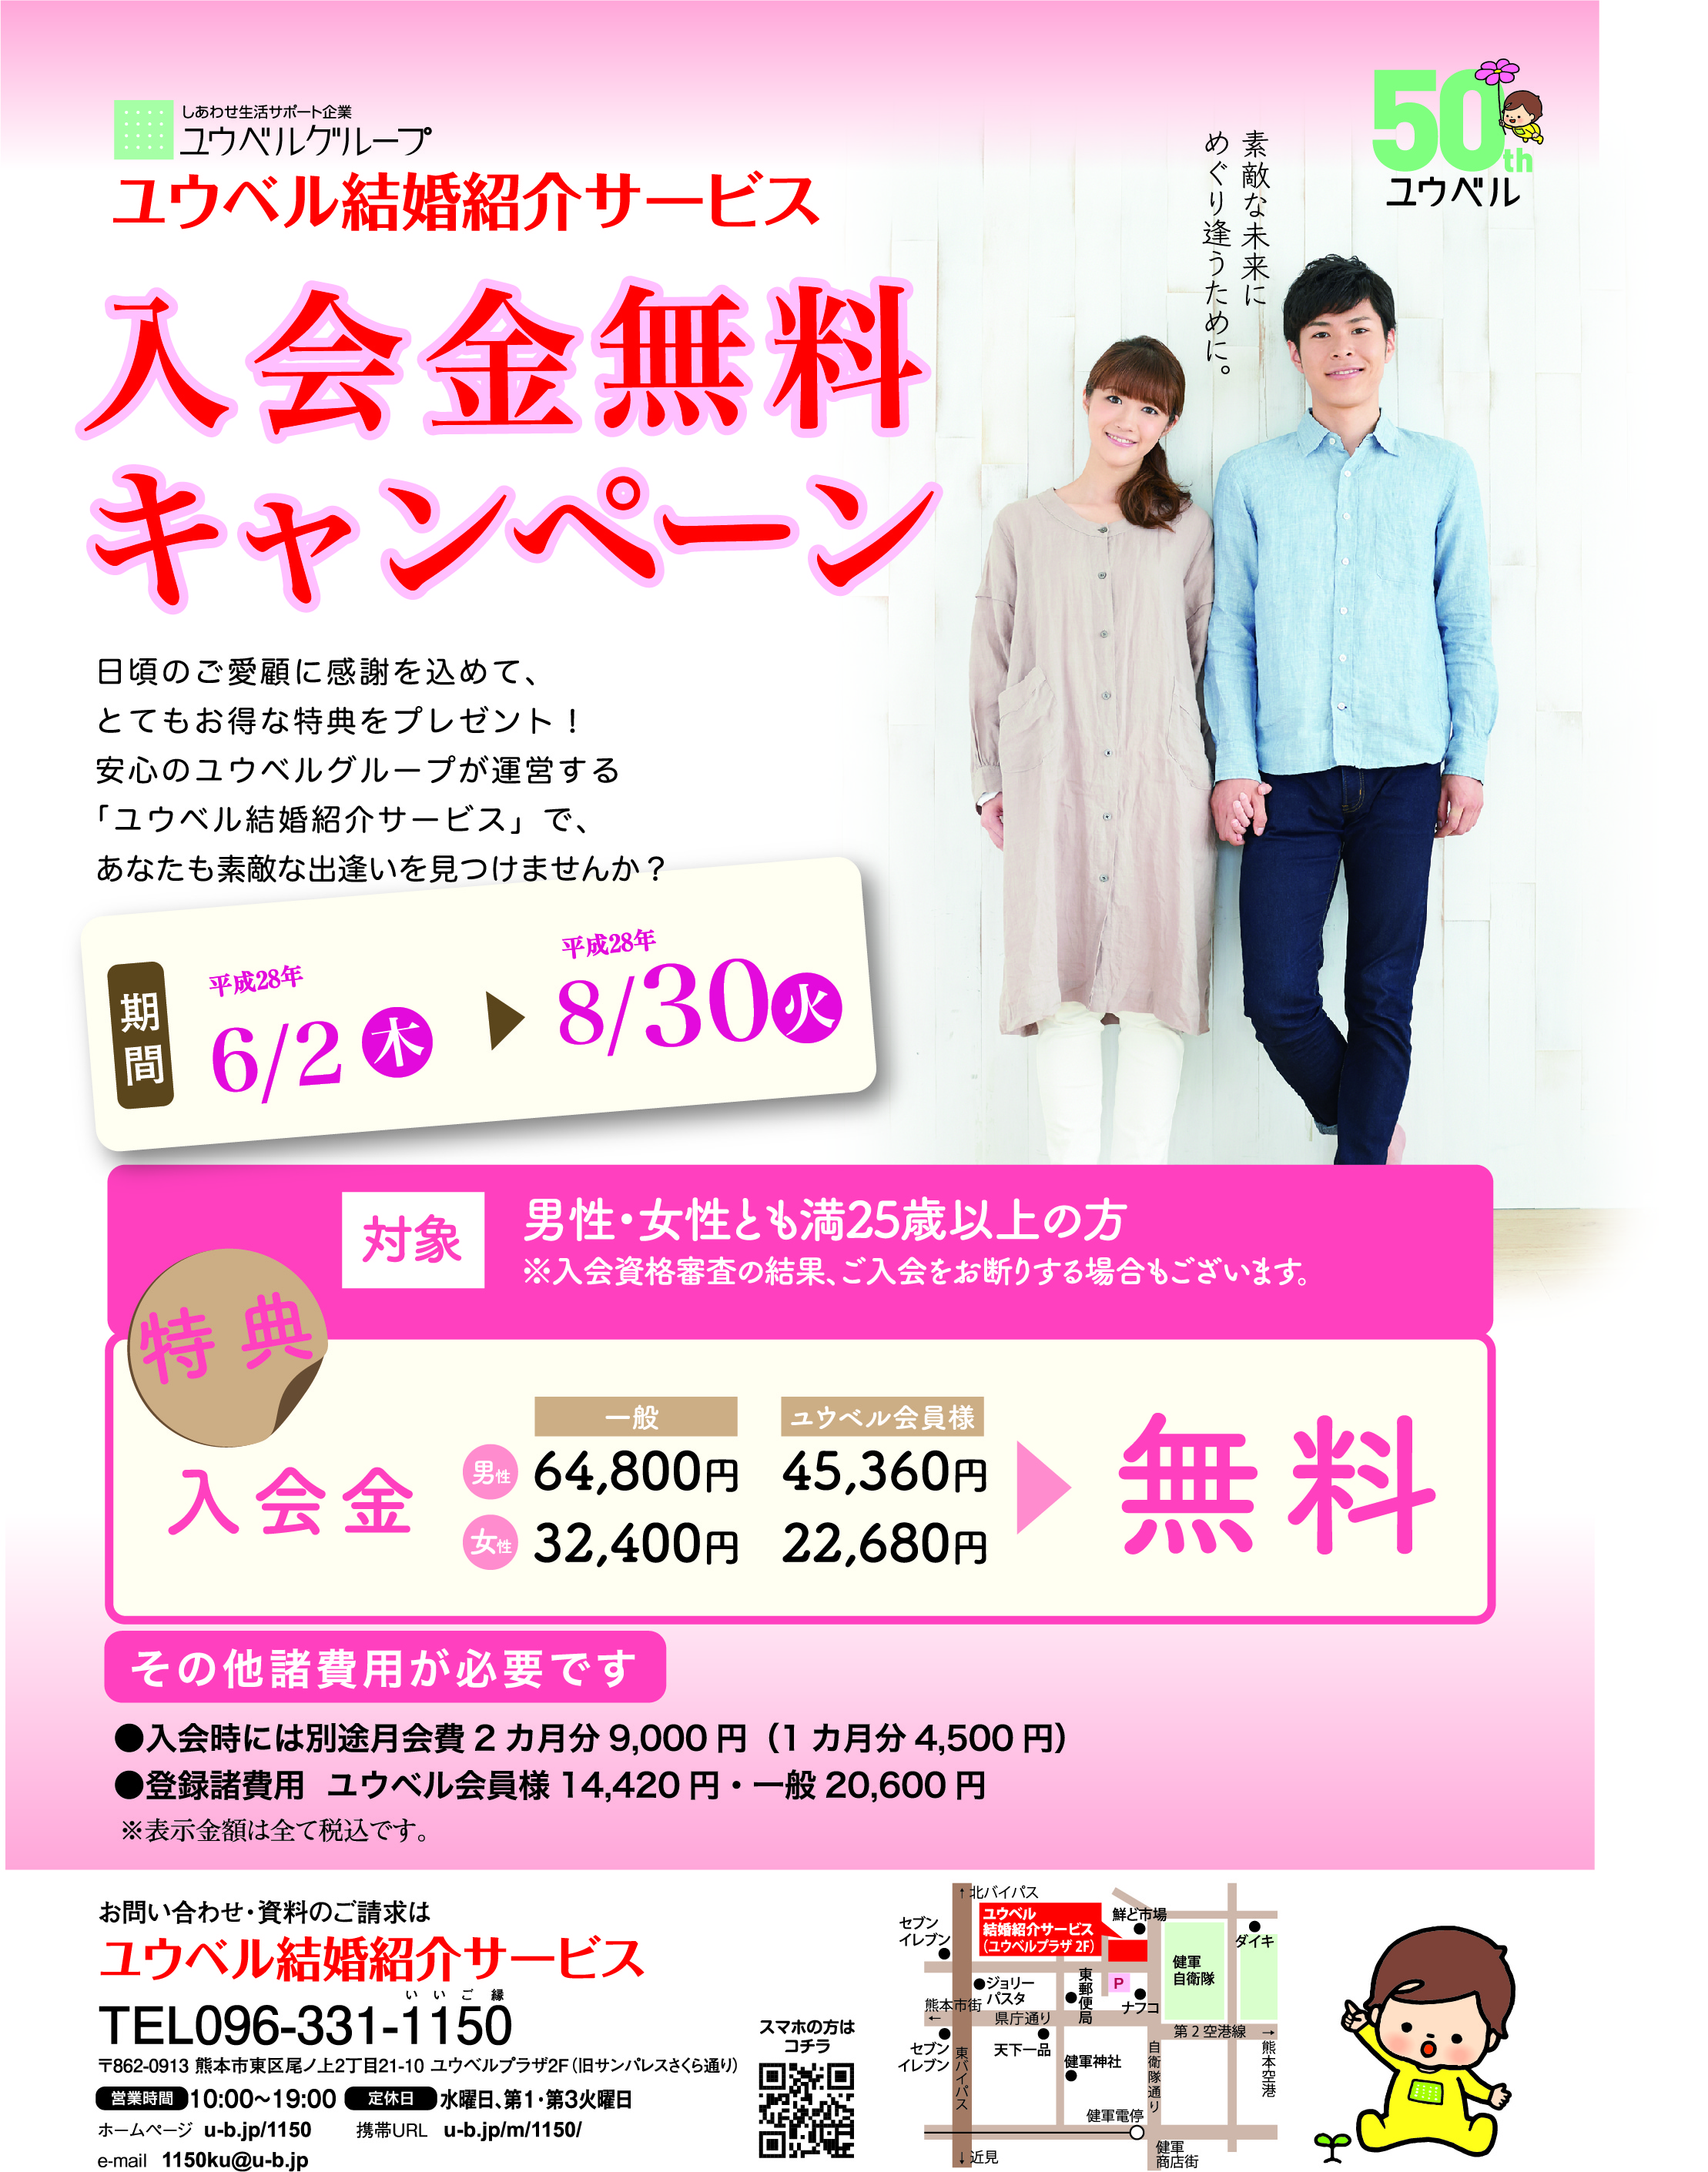 結婚紹介サービス8.30